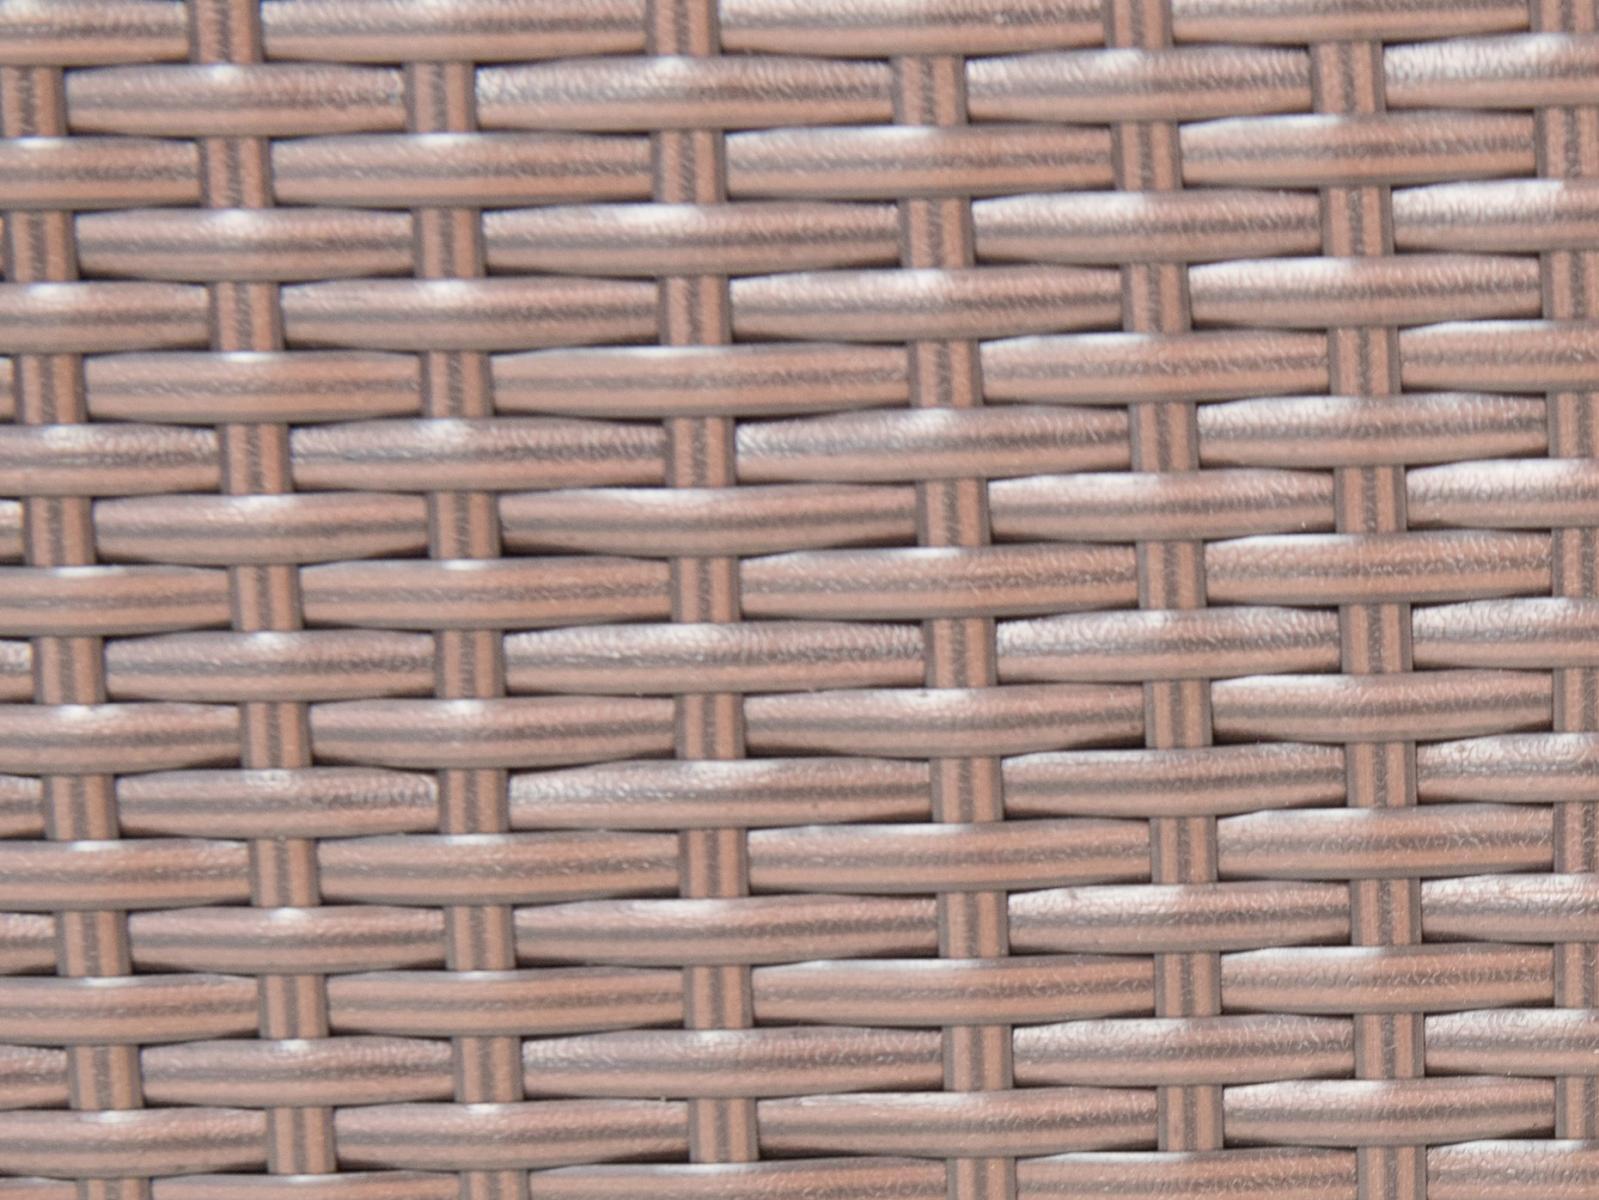 Topiano plecionka- poduszki ze zdejmowanymi pokrowcami